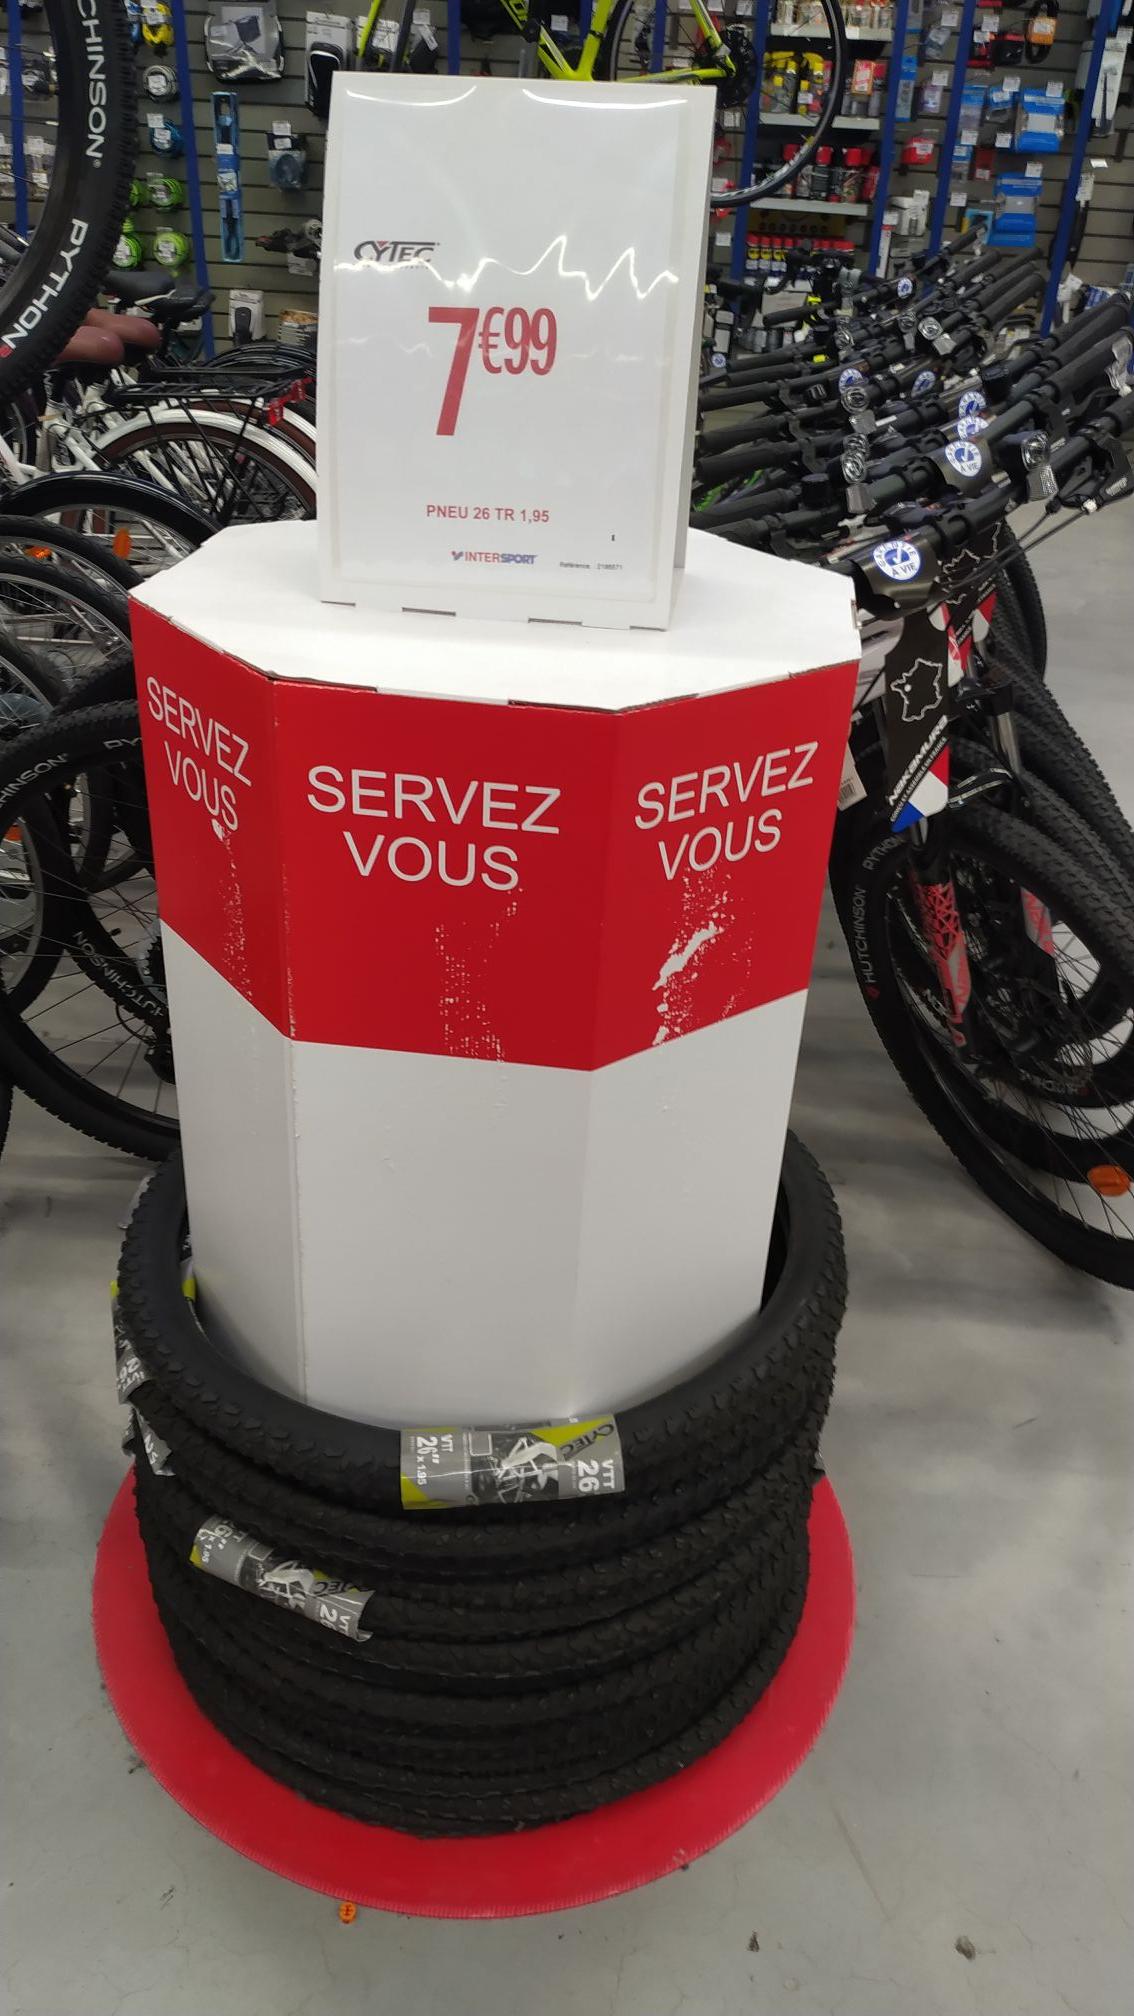 Pneu de Vélo 26 Tr 1,95 Cytec - Flers-en-Escrebieux (59)